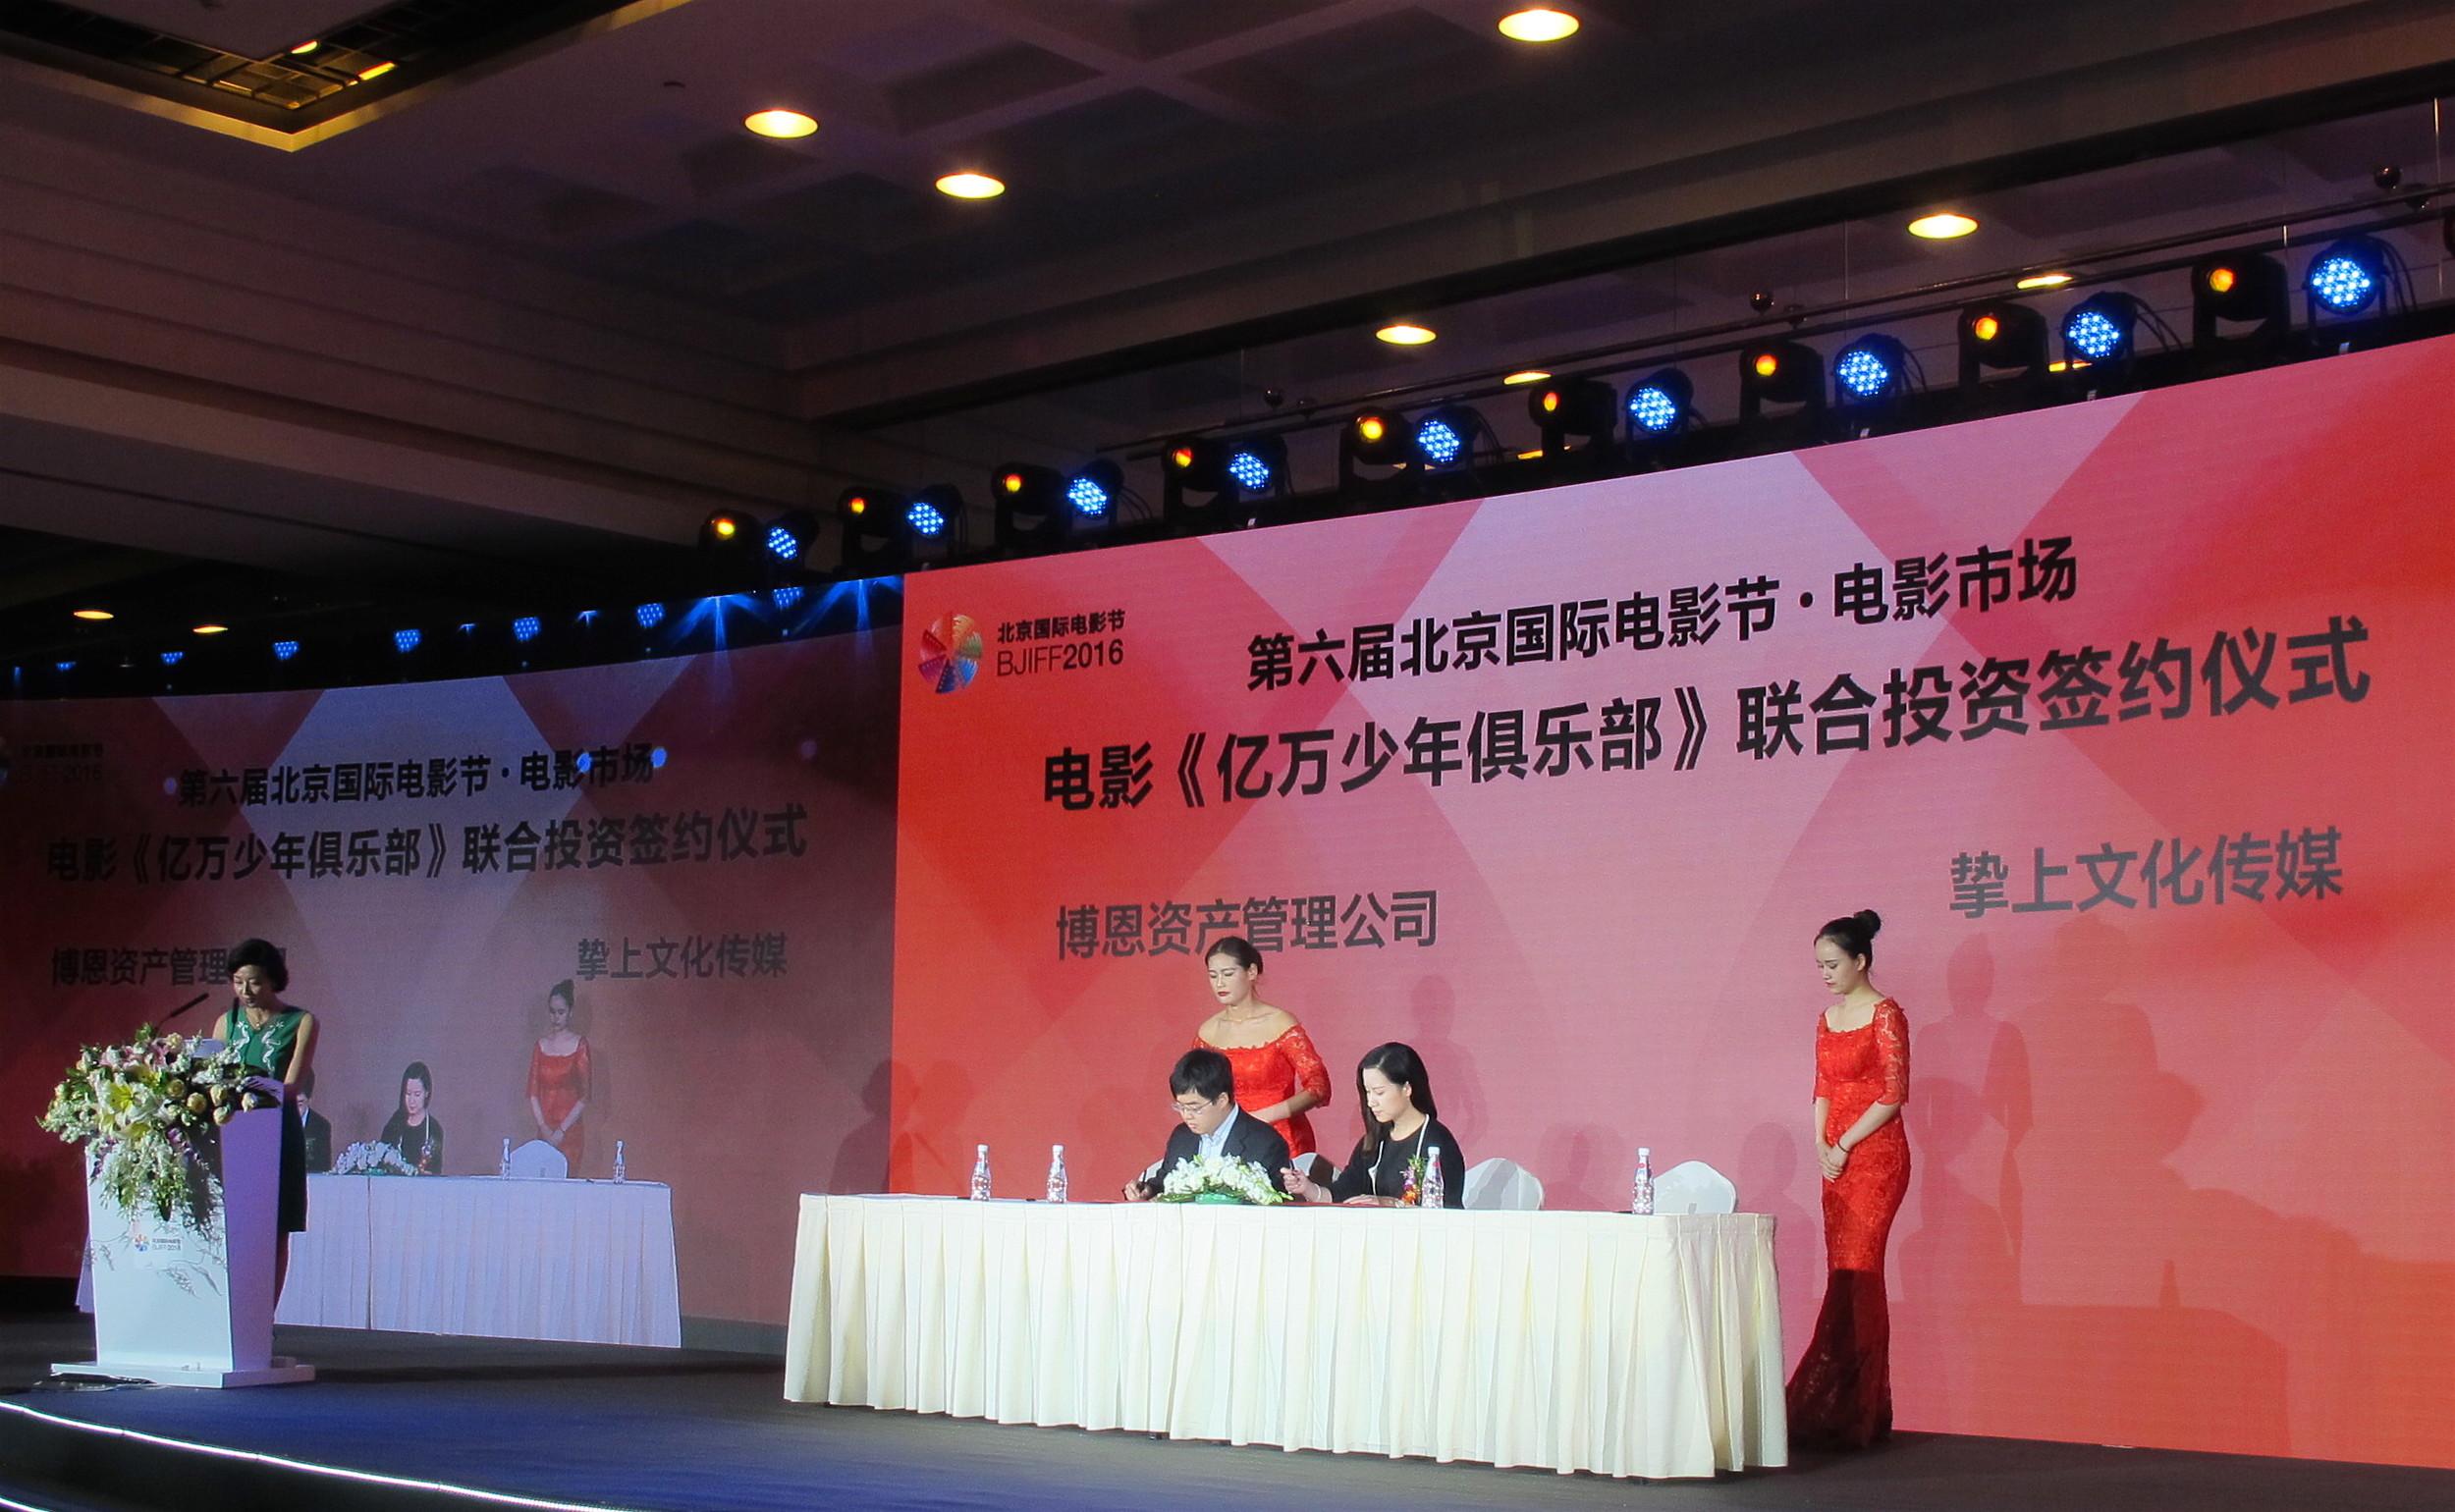 《亿万少年俱乐部》北京电影节签约仪式